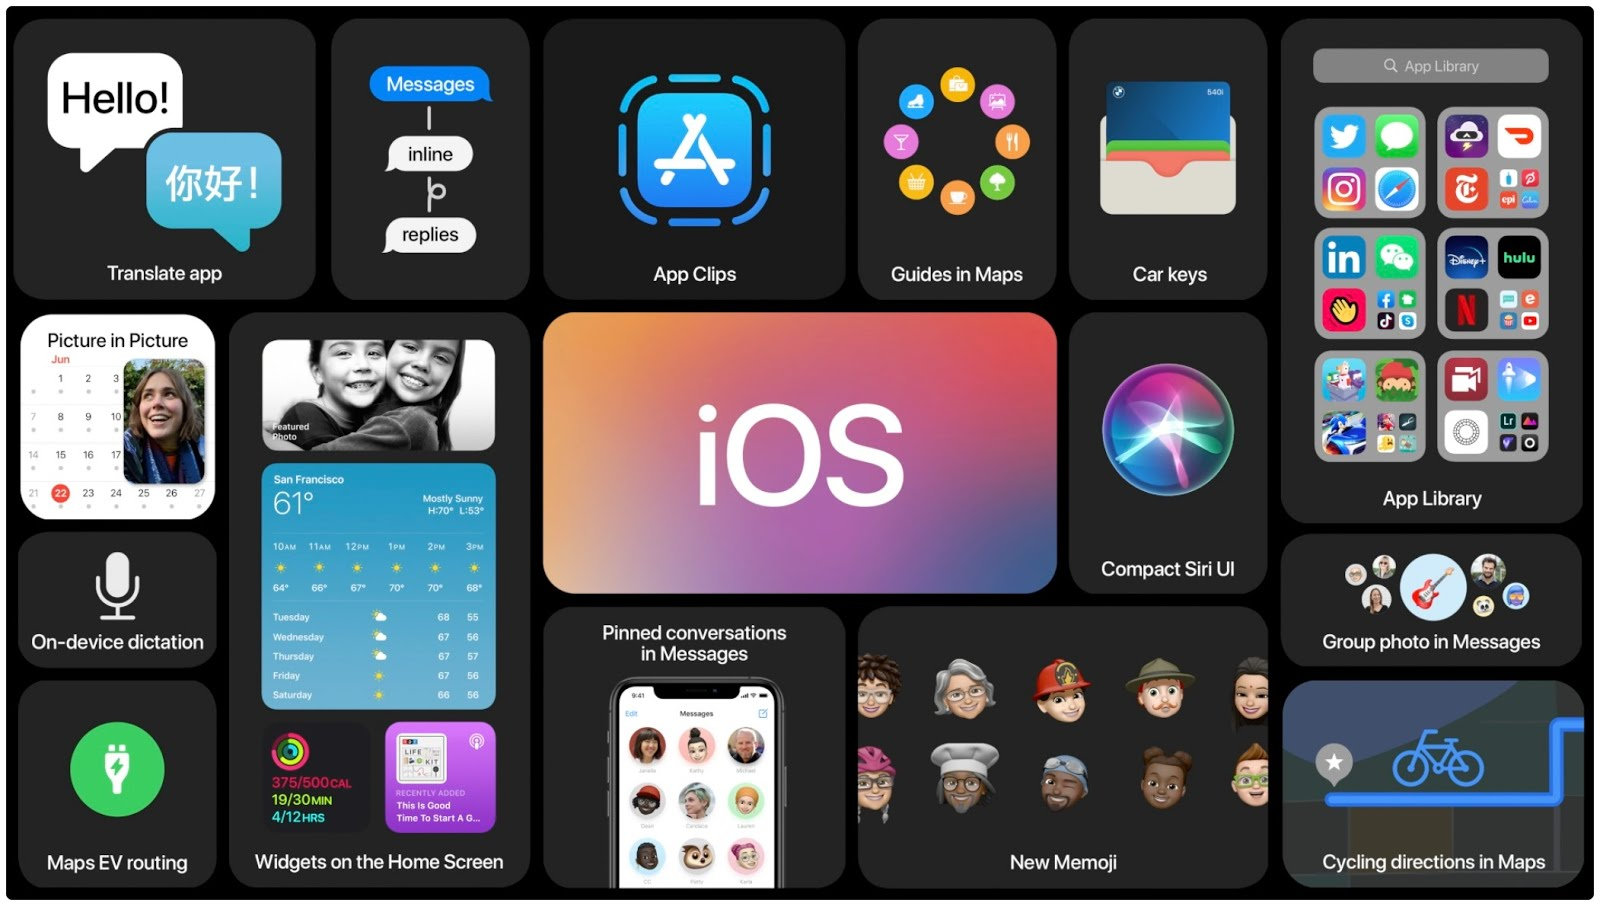 تحميل iOS 14 بدون حساب مطورين